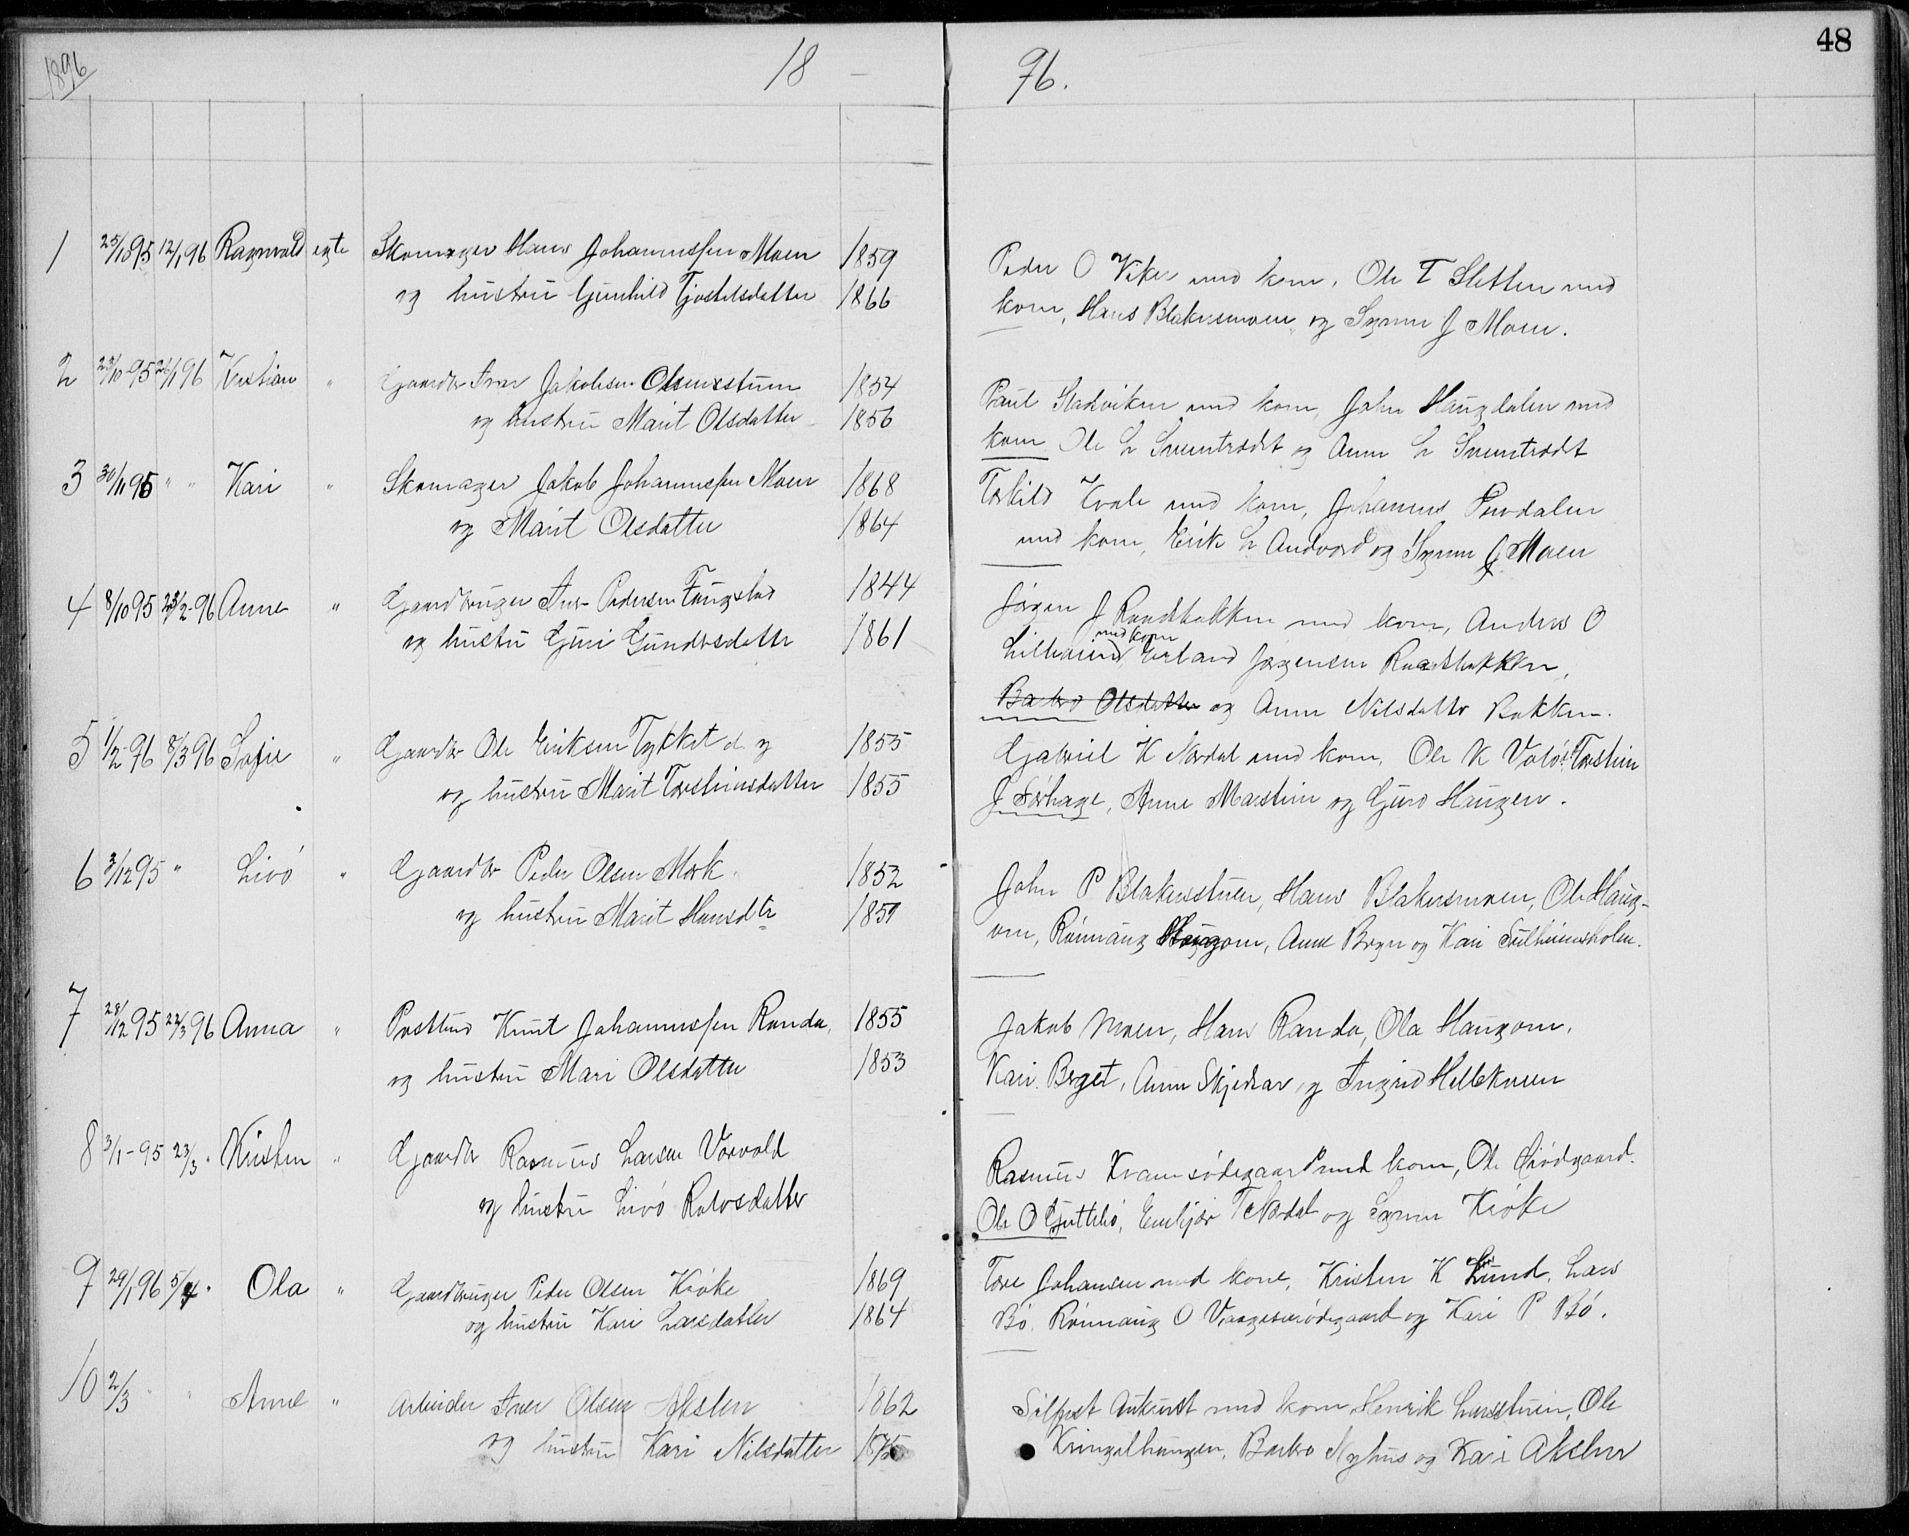 SAH, Lom prestekontor, L/L0013: Klokkerbok nr. 13, 1874-1938, s. 48